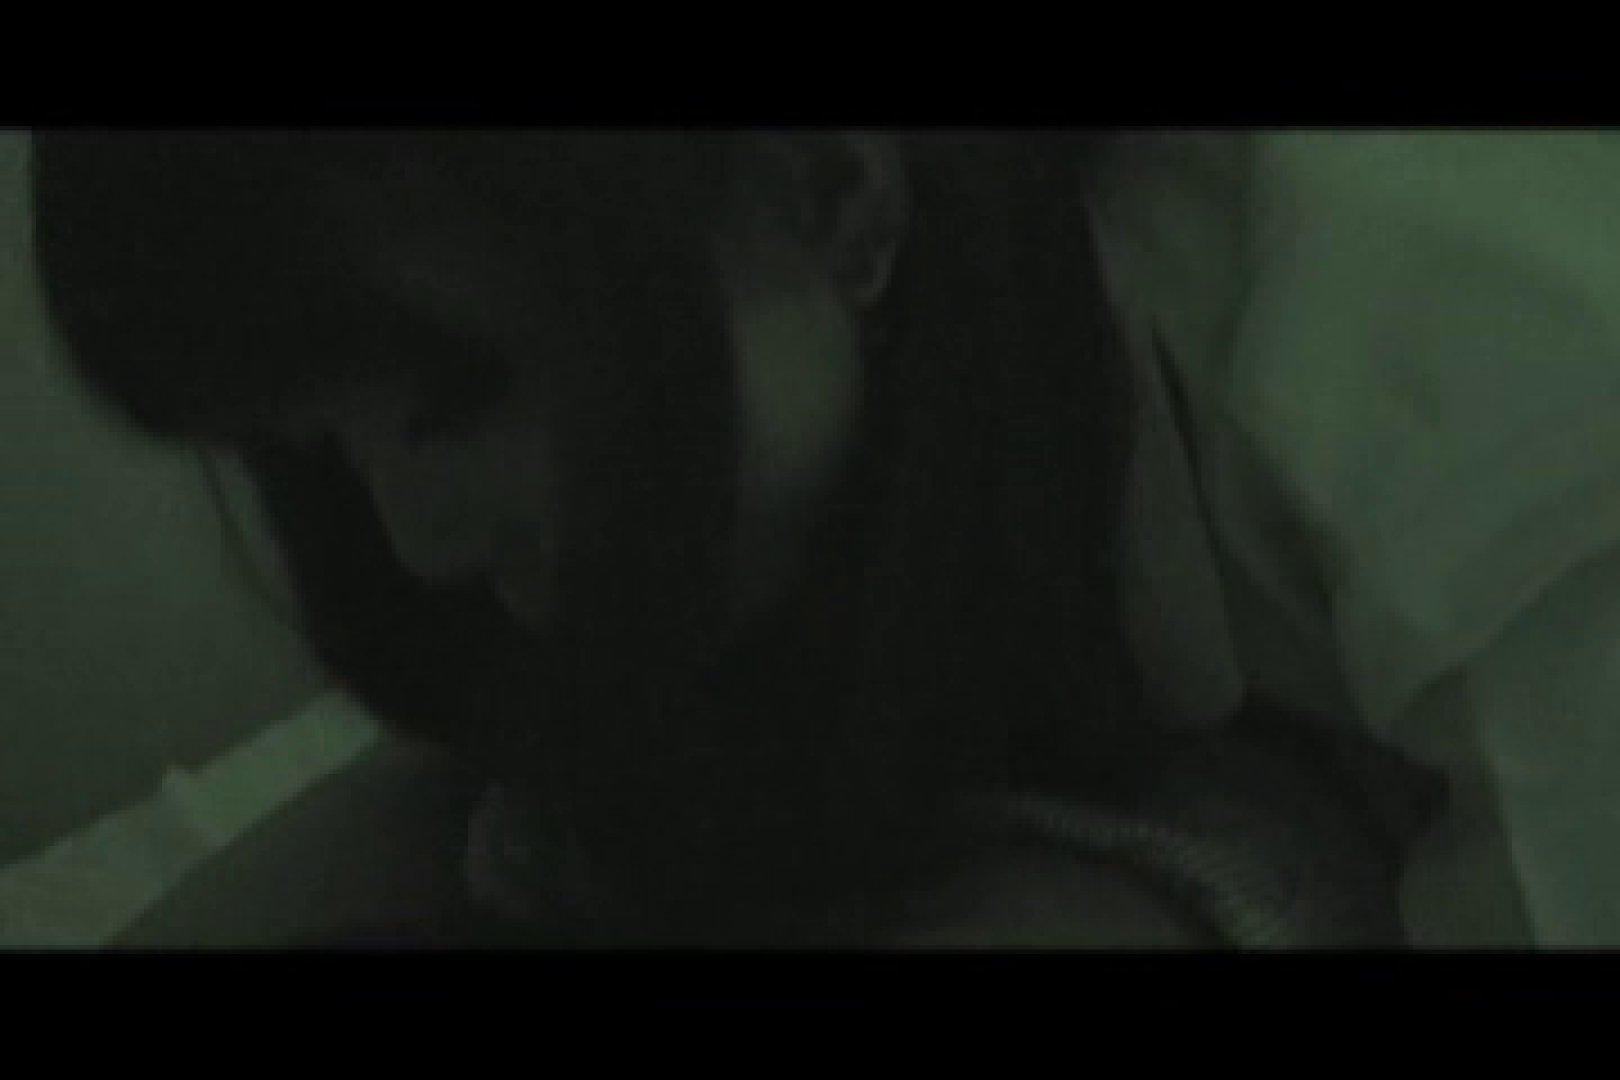 ヤリマンと呼ばれた看護士さんvol3 美しいOLの裸体 AV無料動画キャプチャ 72pic 22